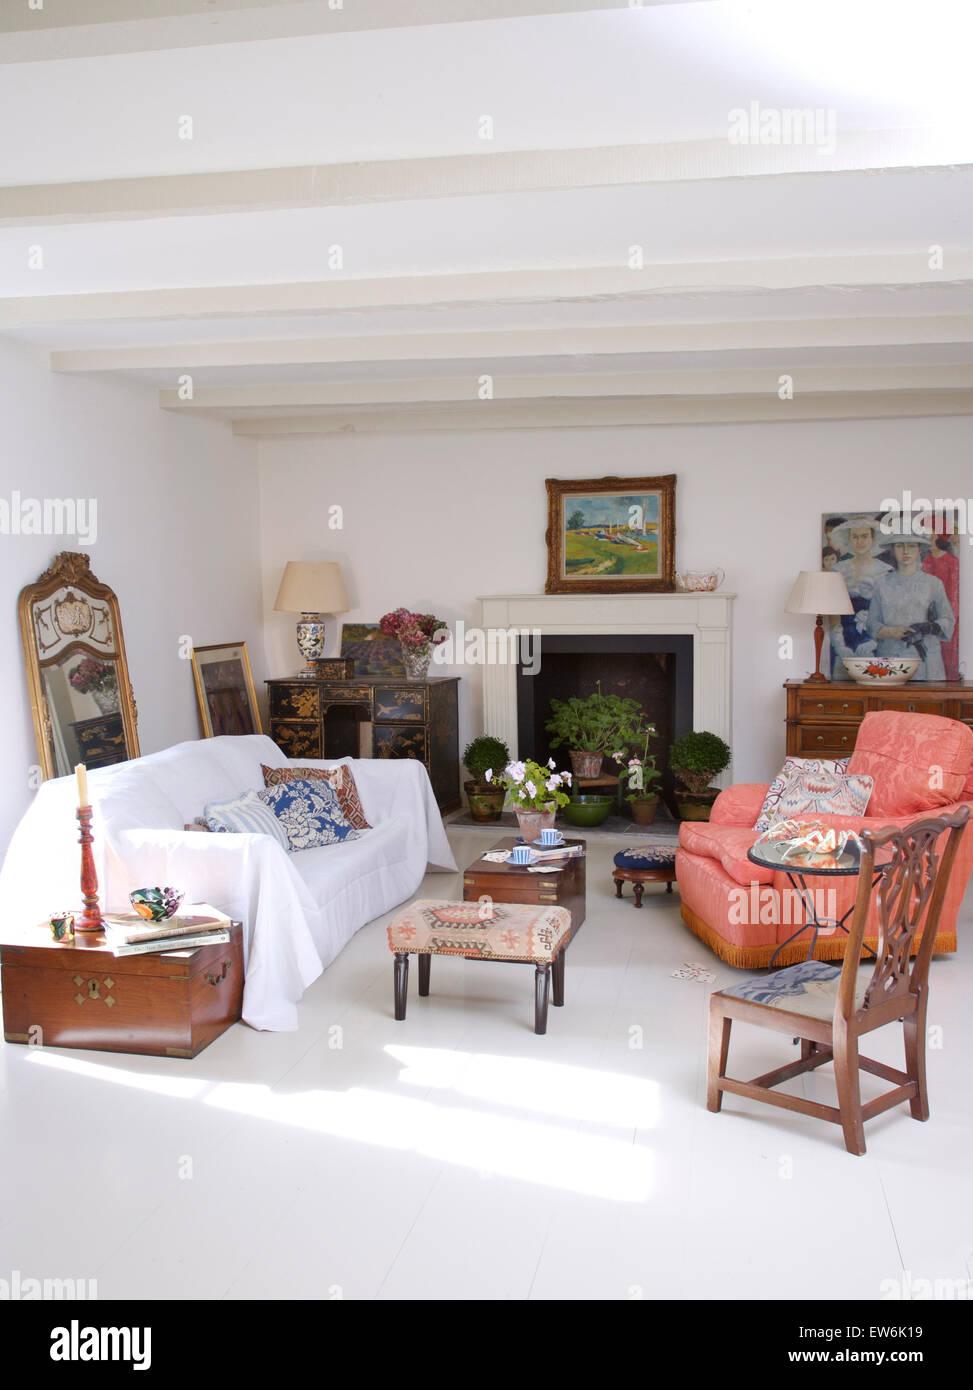 https://c8.alamy.com/compit/ew6k19/white-buttare-sul-divano-in-bianco-paese-francese-soggiorno-con-una-poltrona-rossa-e-pavimento-in-bianco-ew6k19.jpg